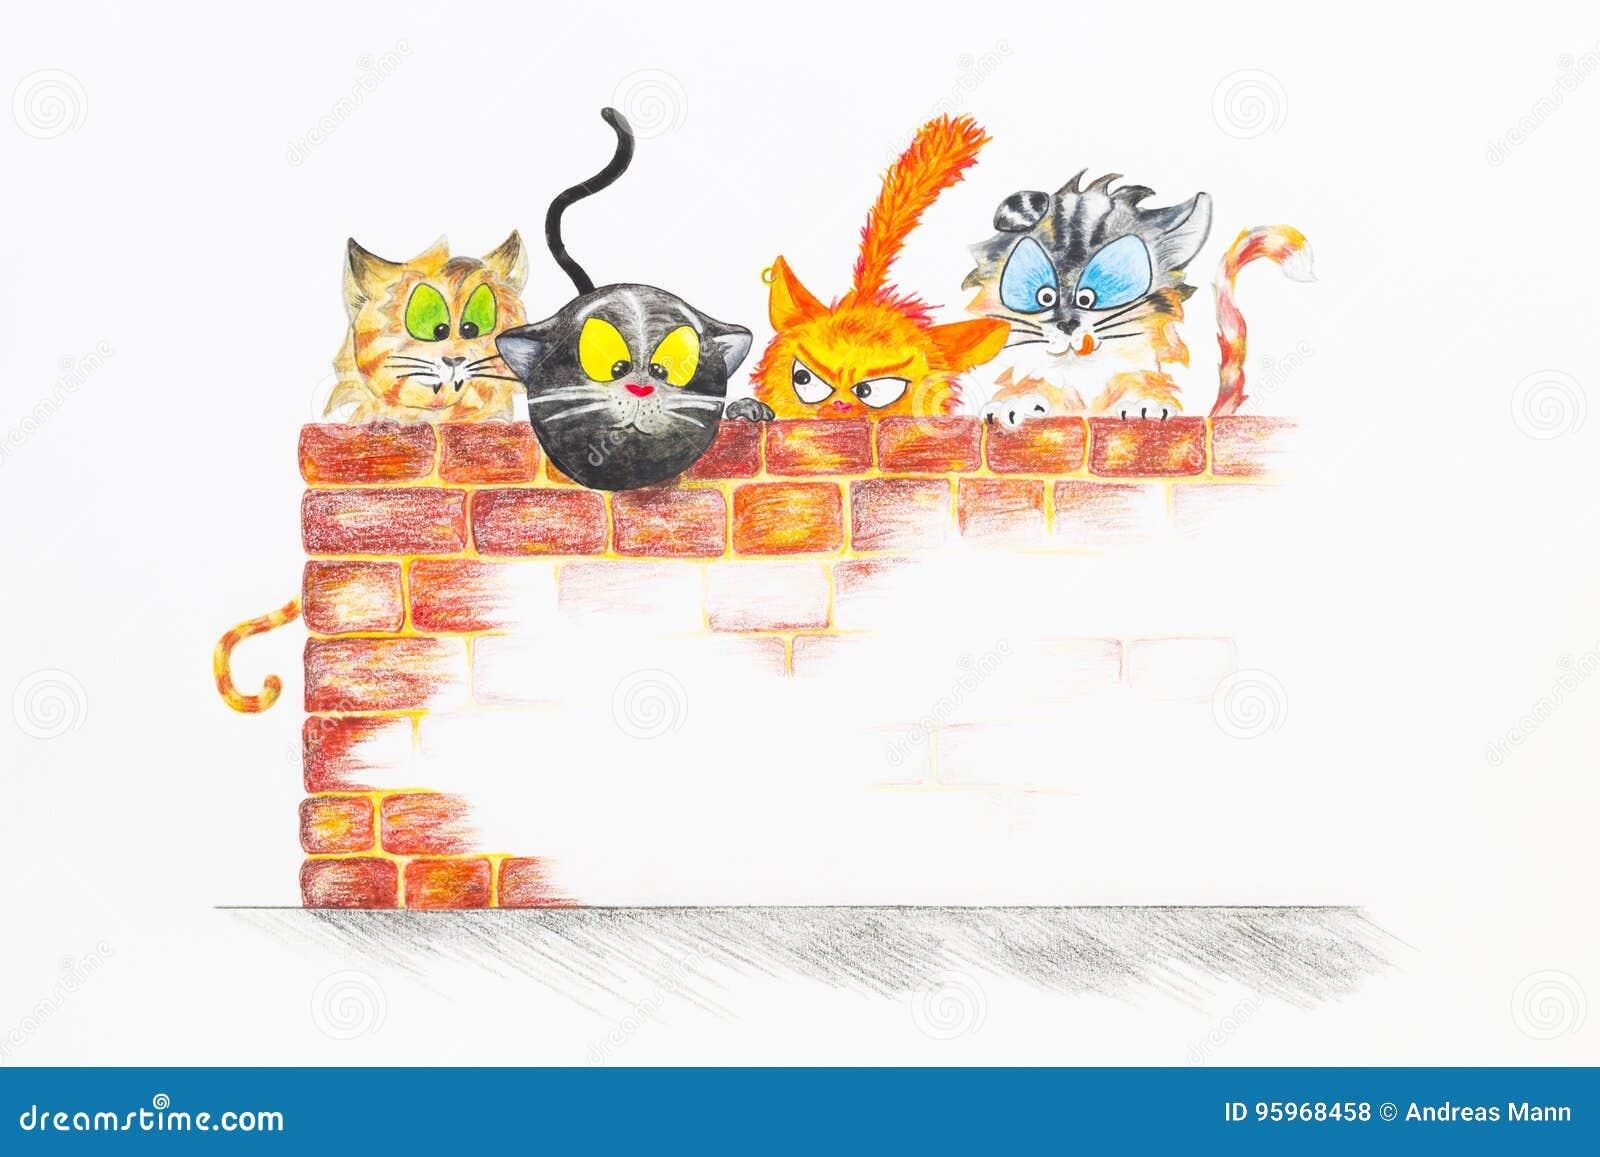 Illustratie met groep leuke katten